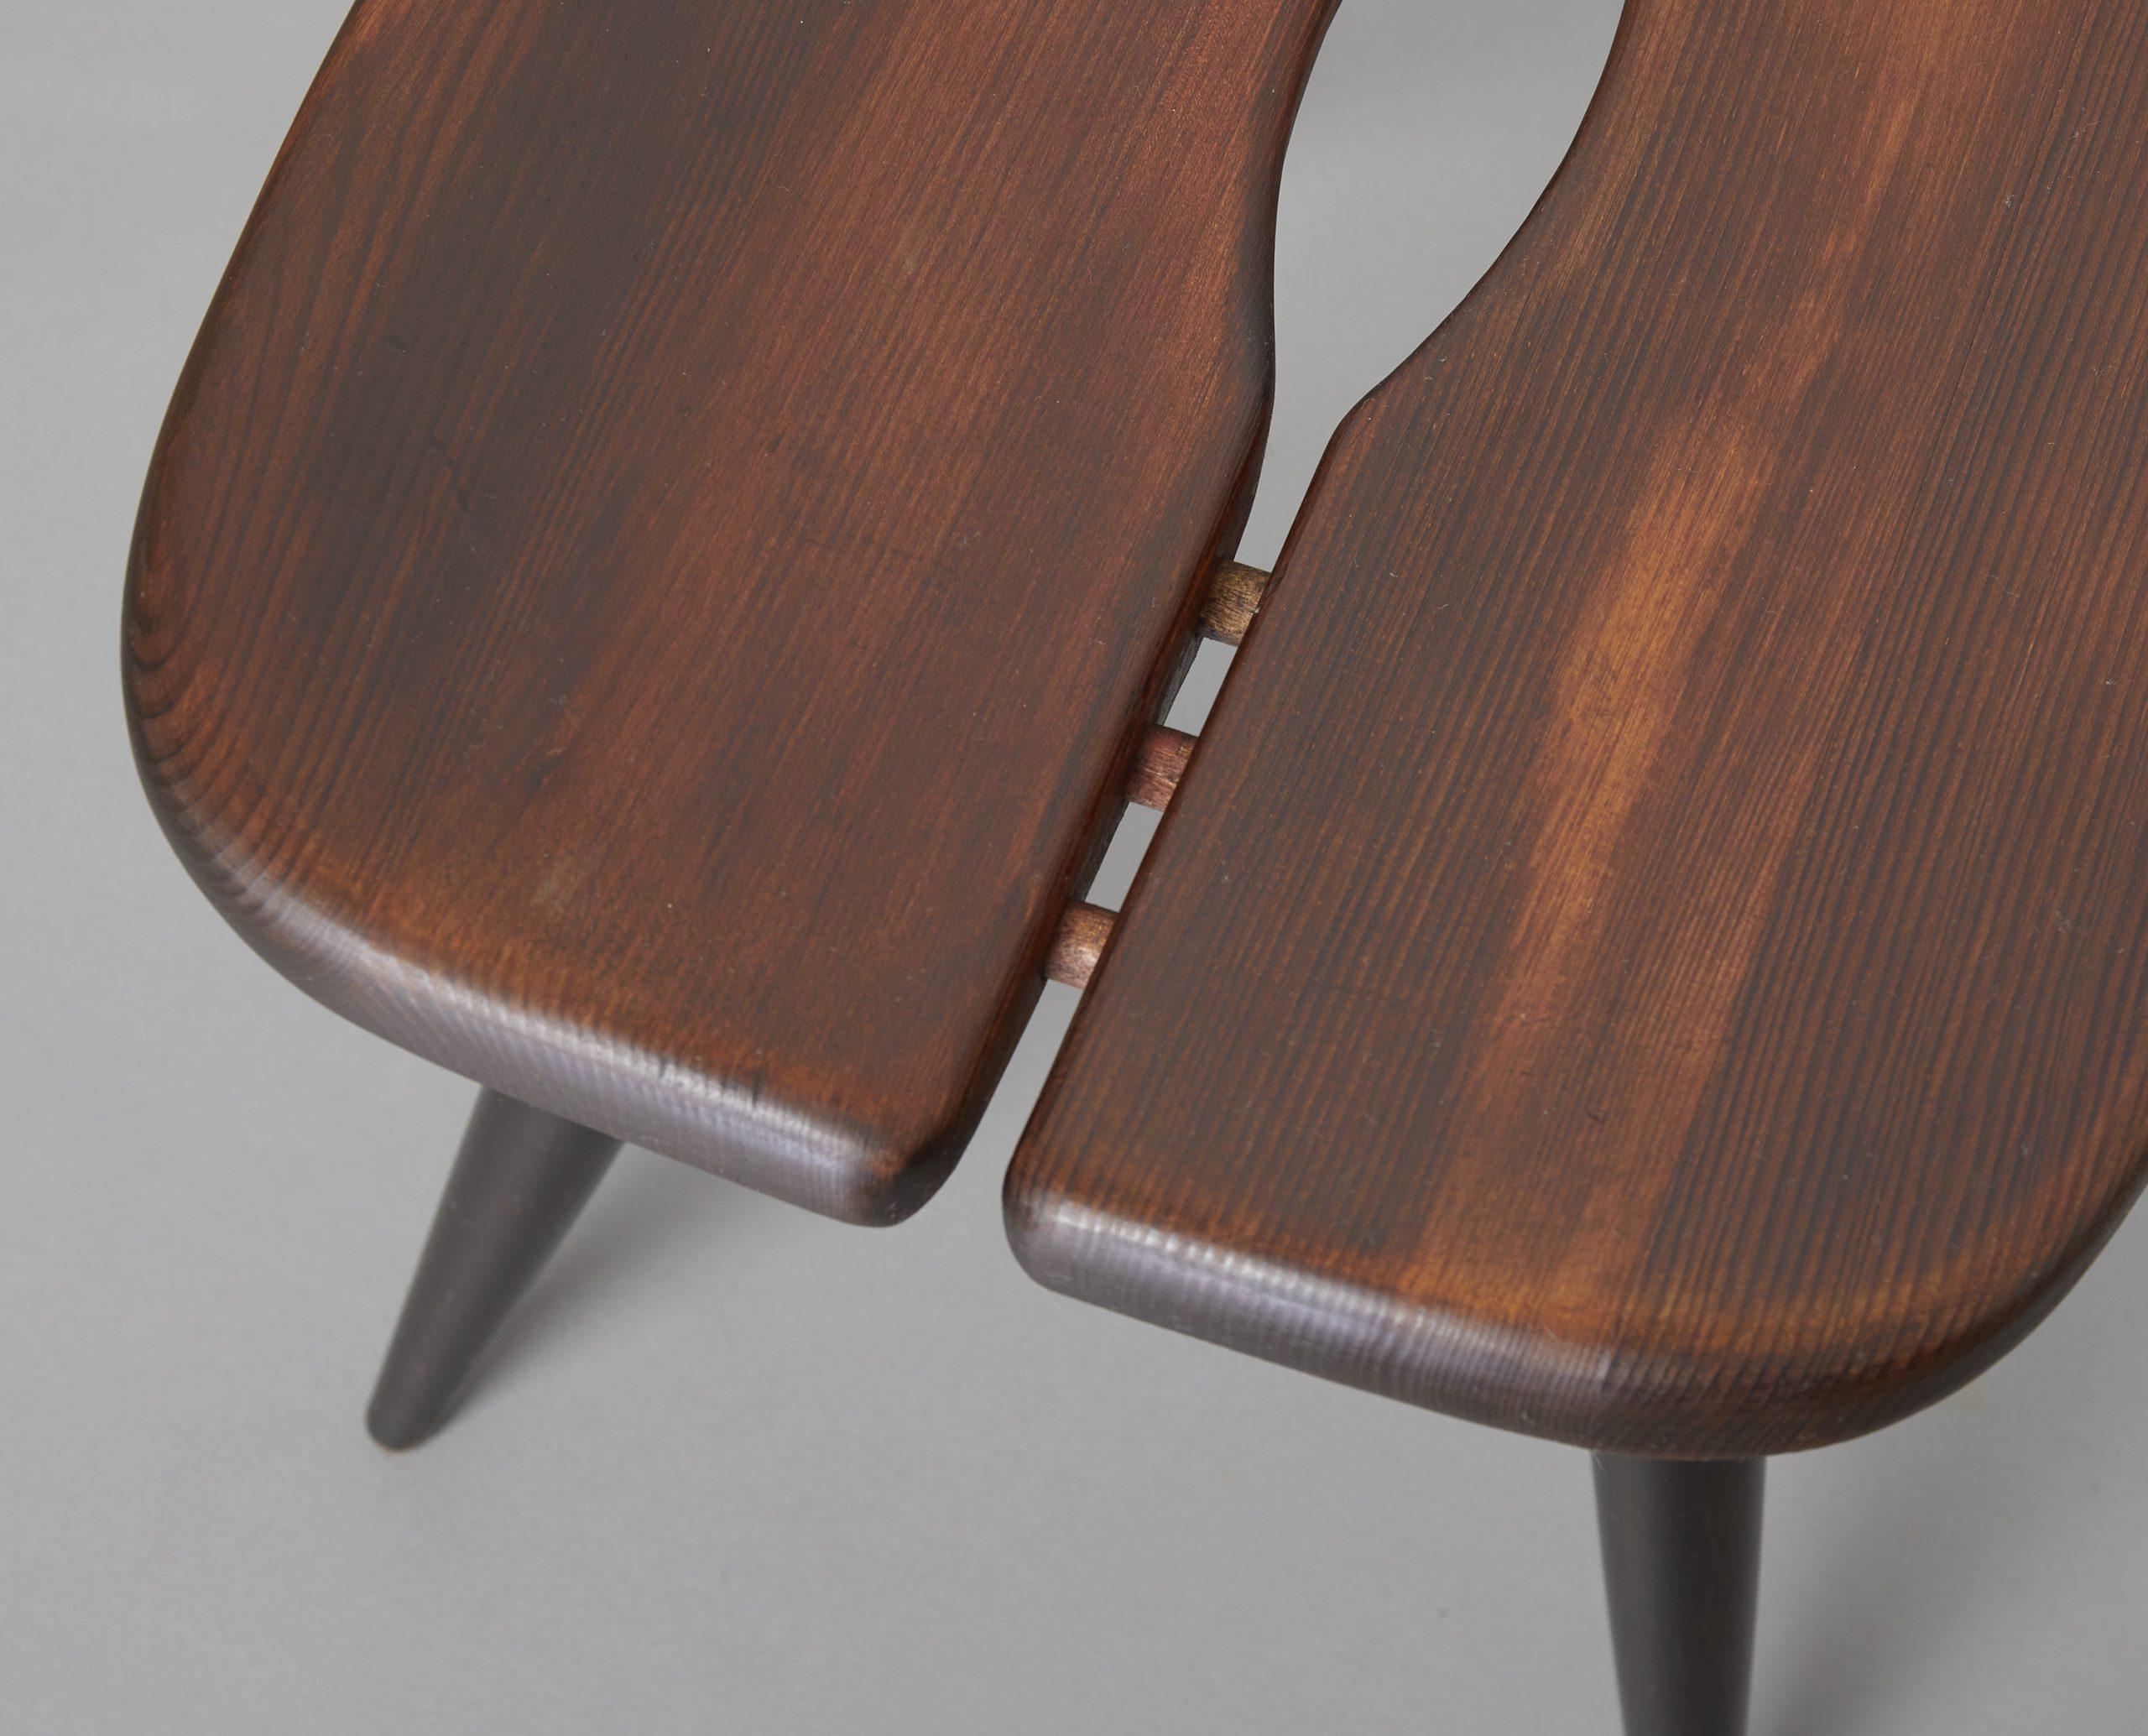 pair-of-pirkka-stools-by-ilmari-tapiovaara-1955-image-07